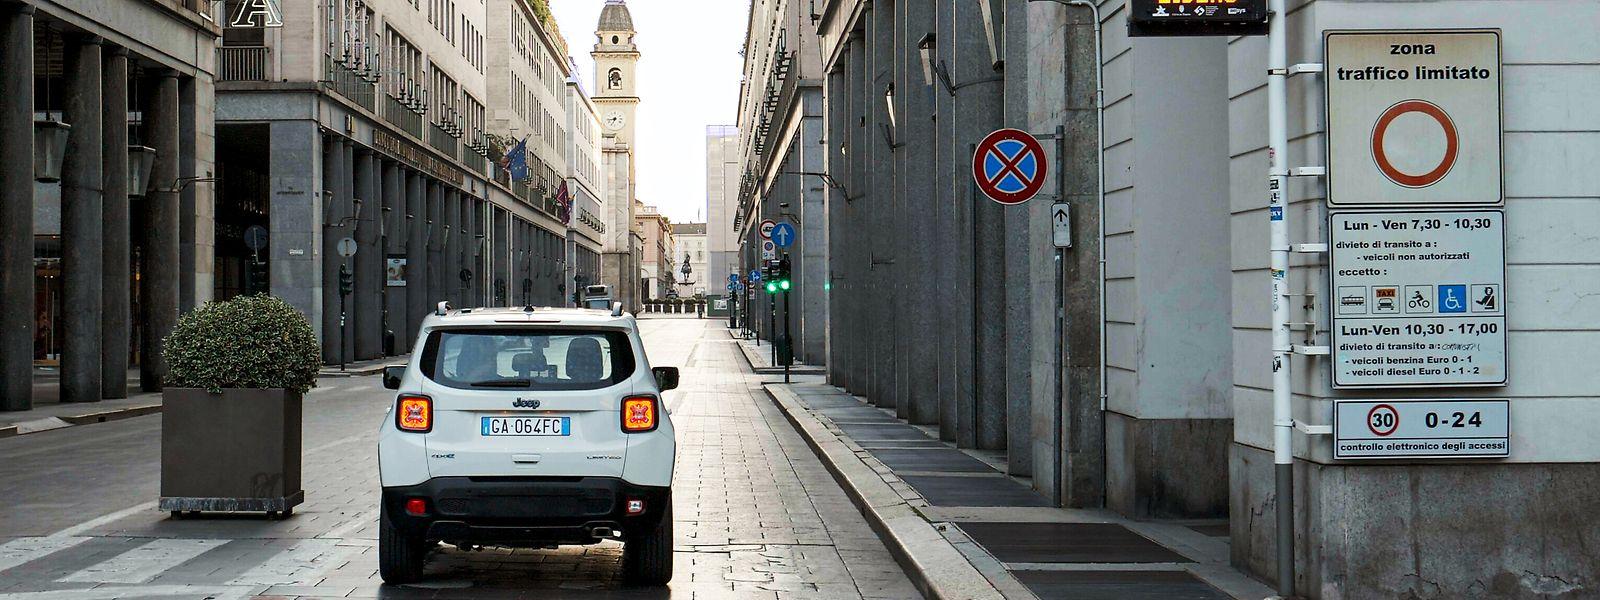 Feldversuch: Dieser Jeep schaltet automatisch auf E-Betrieb um, sobald er eine gewisse Zone in der Stadt erreicht hat.